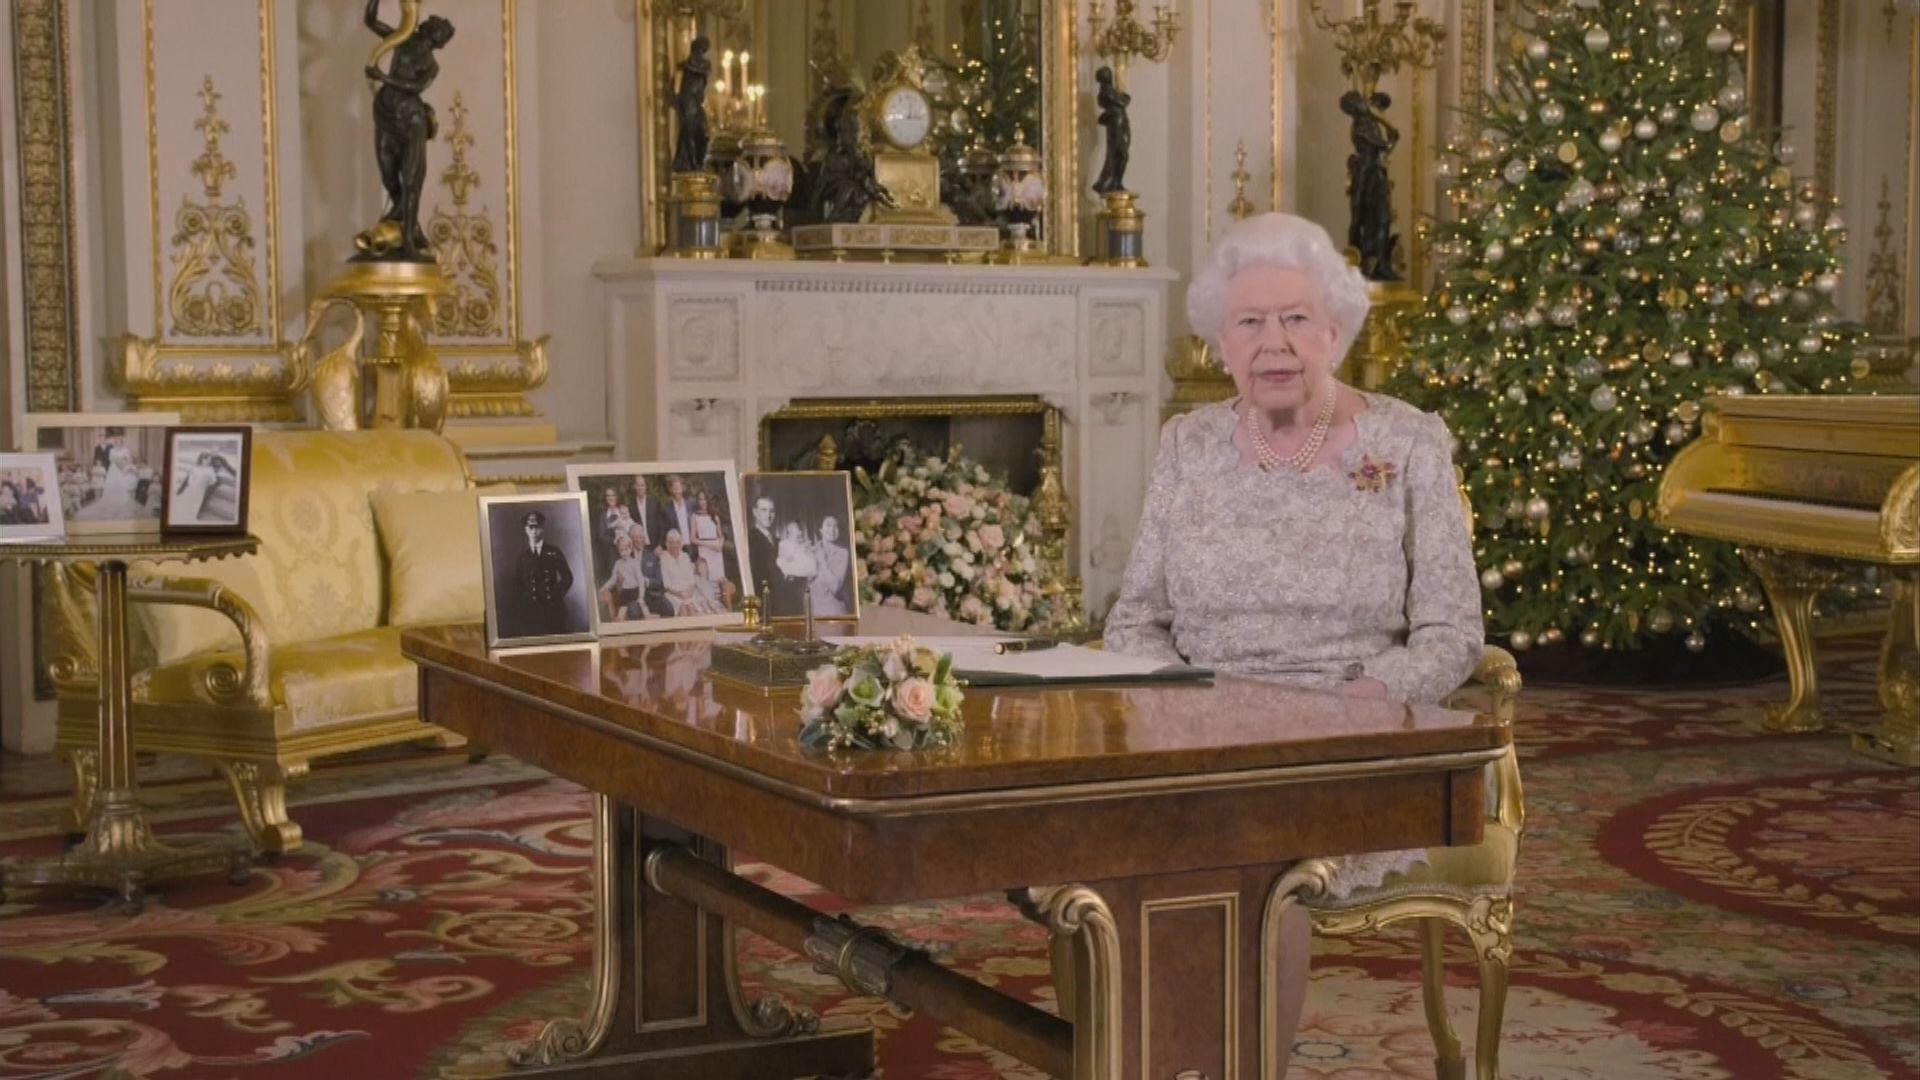 英女王呼籲英國人民團結化解分歧